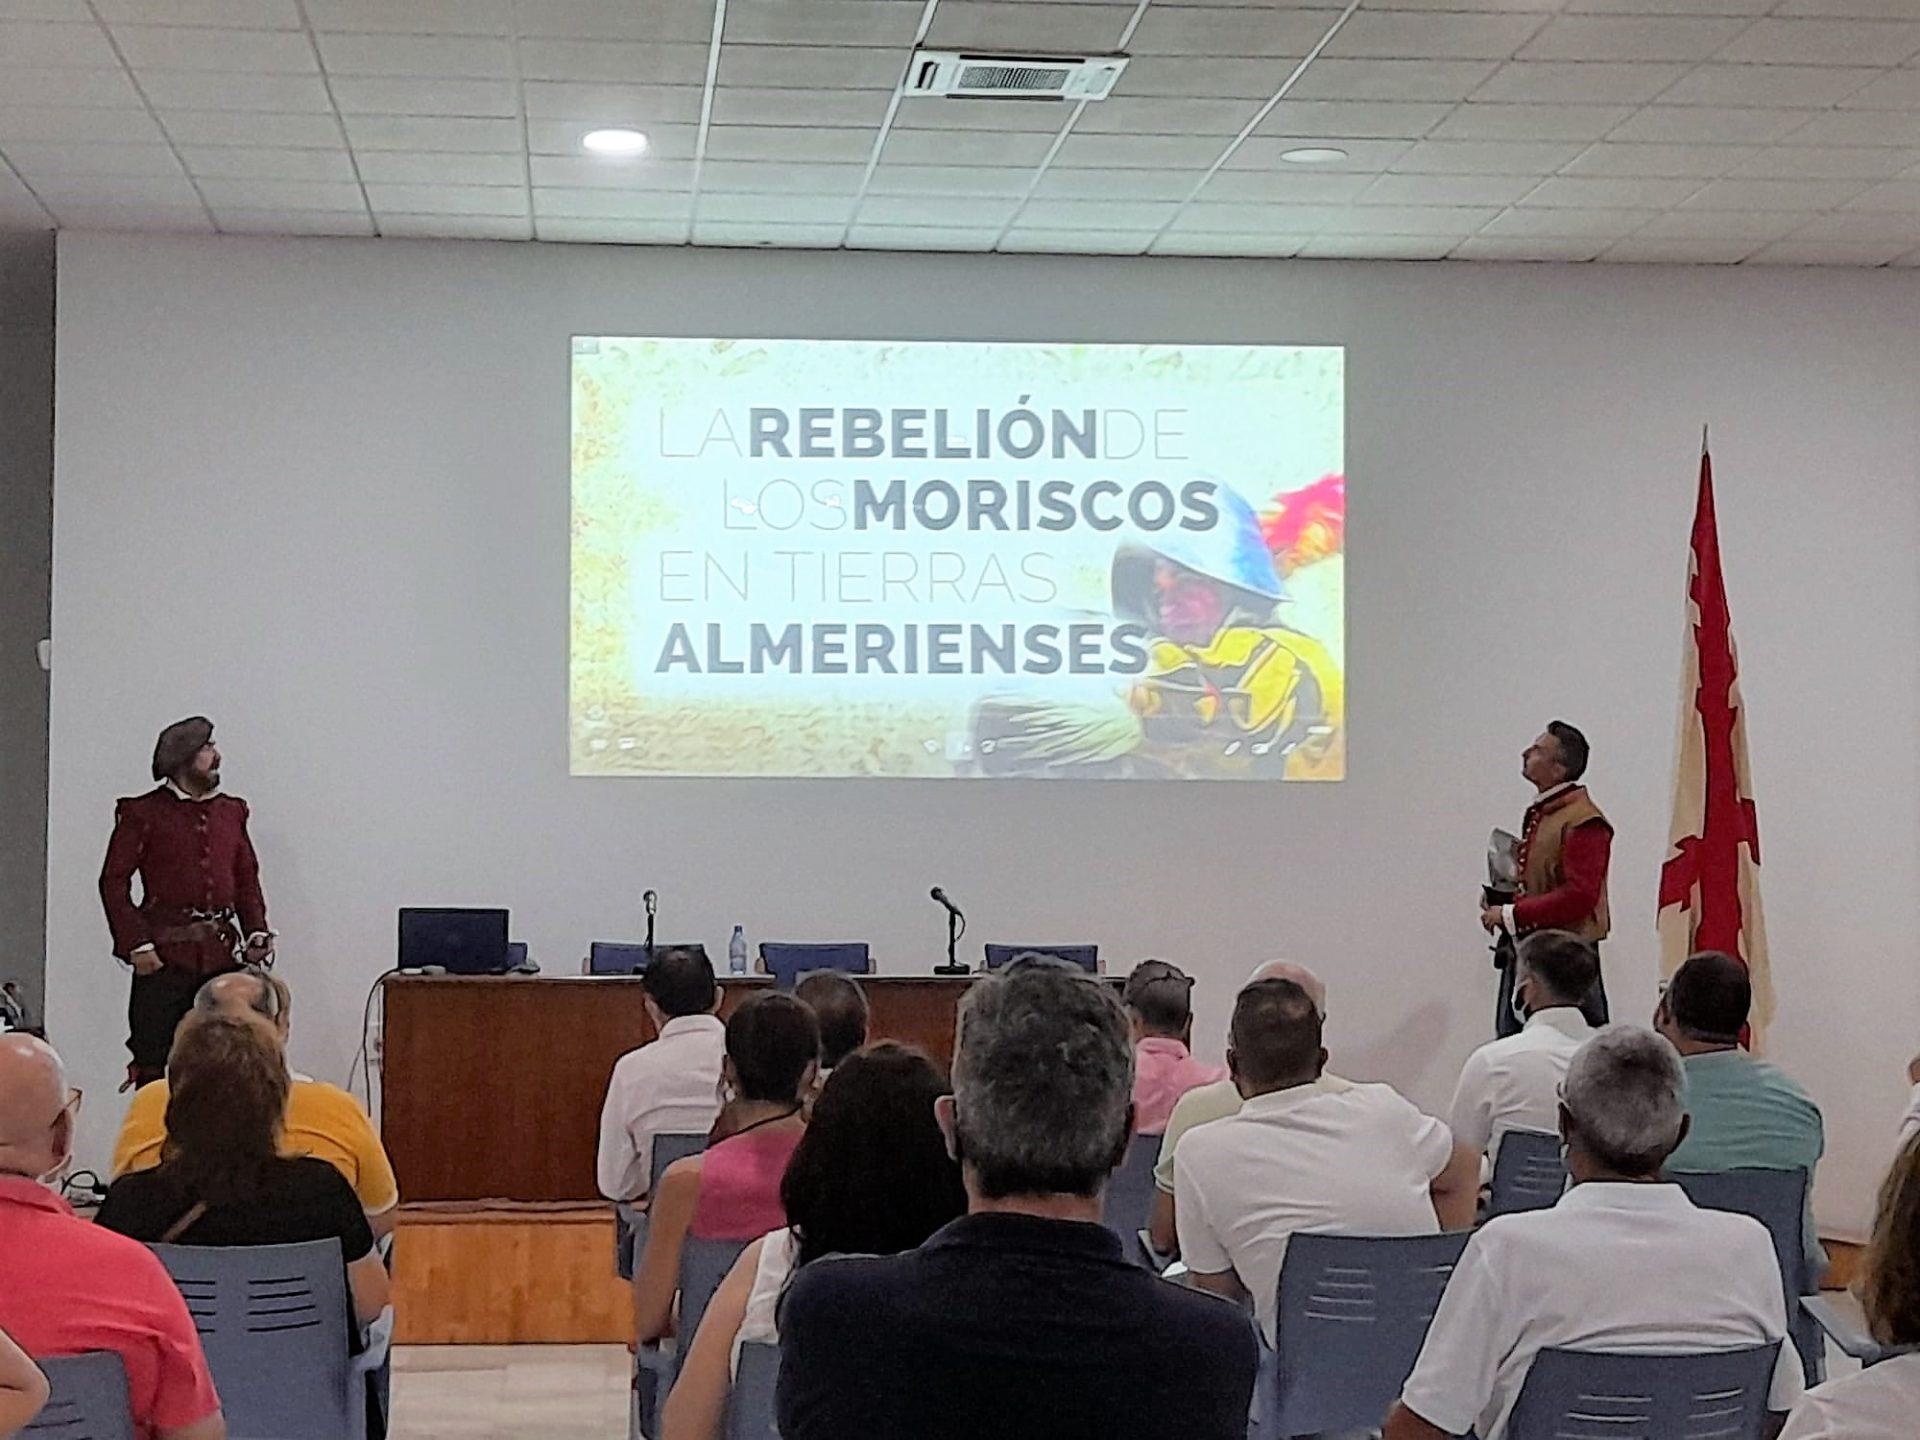 'La rebelión de los moriscos en tierras almerienses'